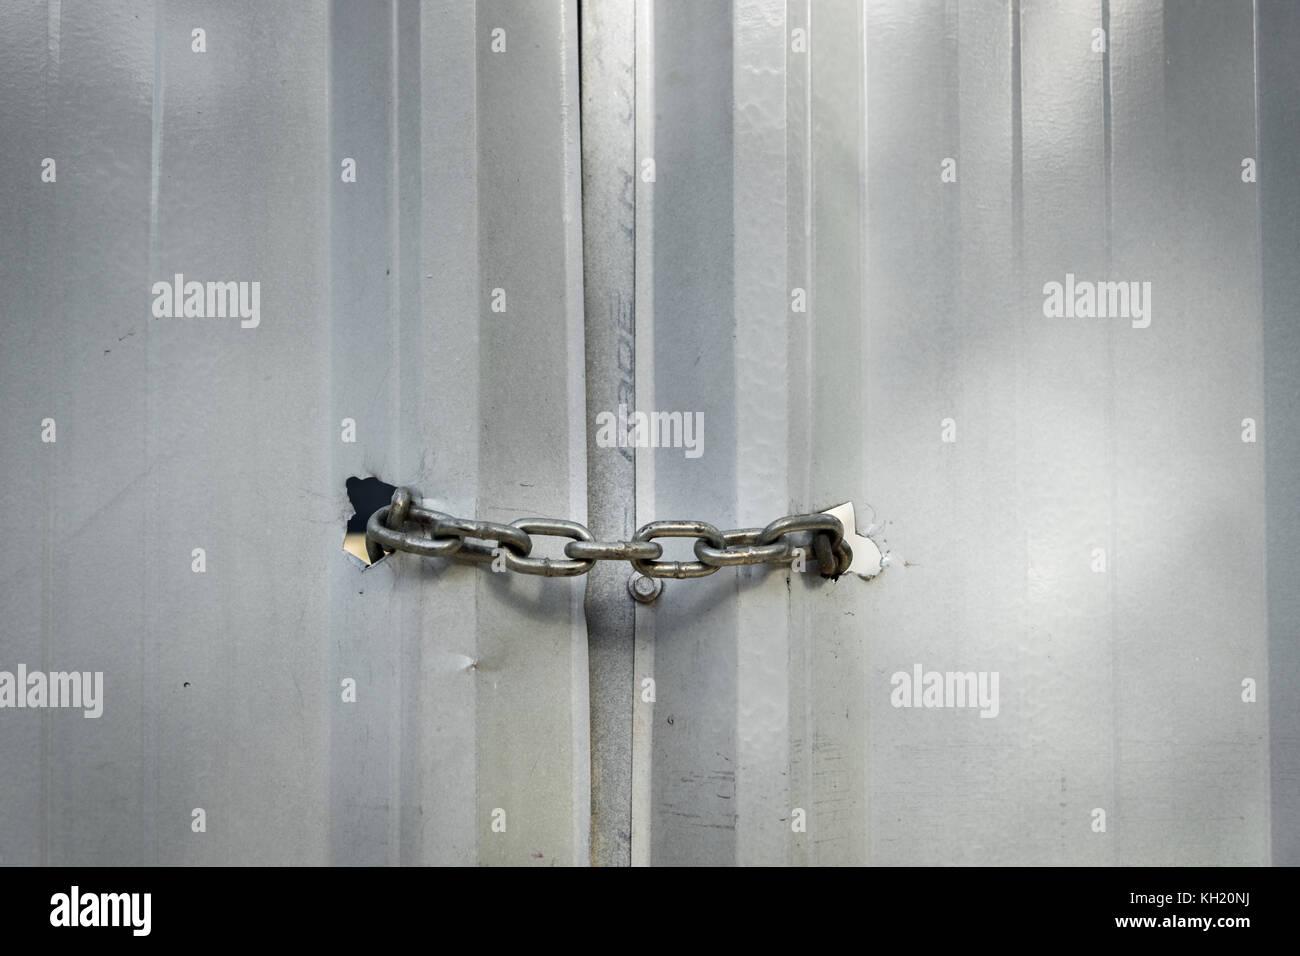 Metall Kette sichere Verriegelung Tür in einem industriellen Umfeld Stockbild